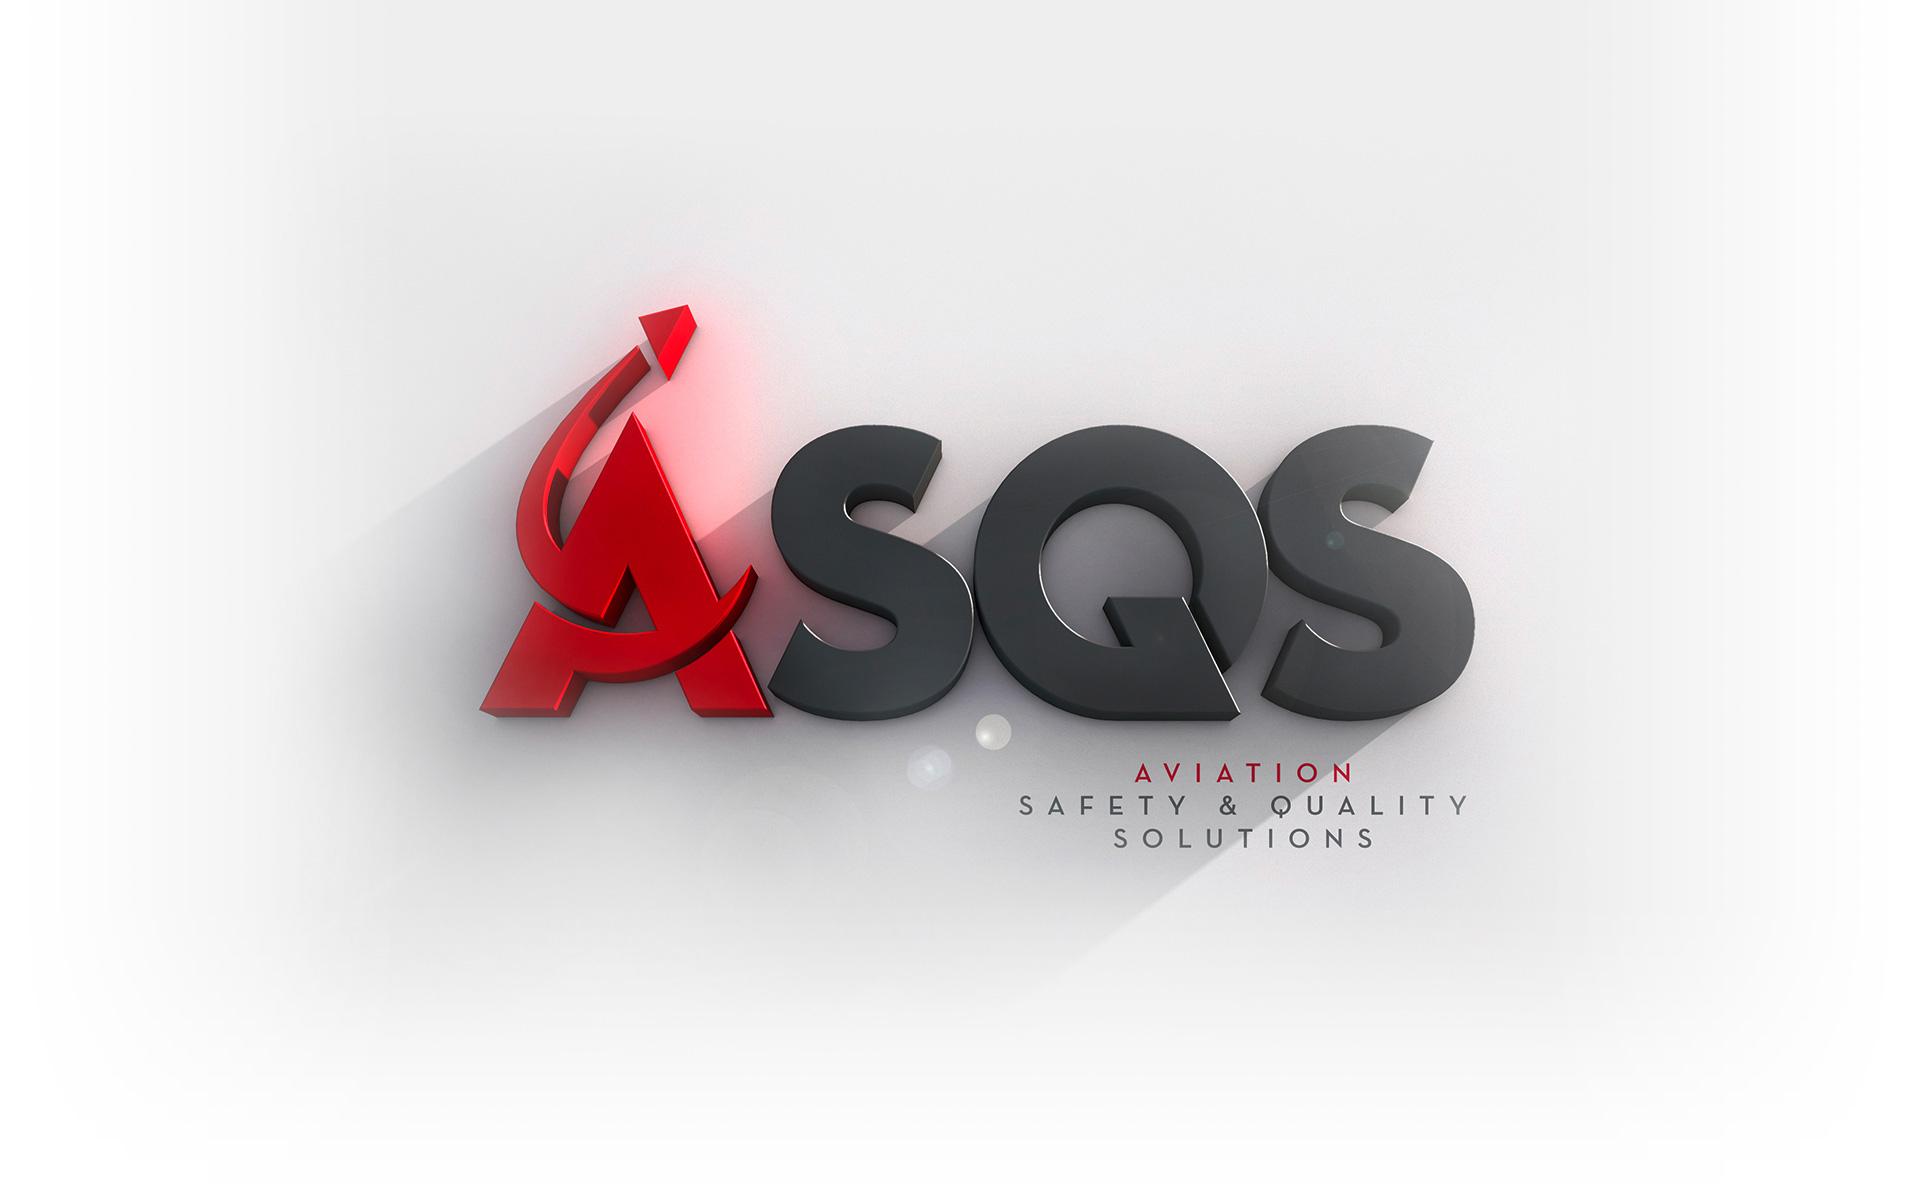 ASQS-2a